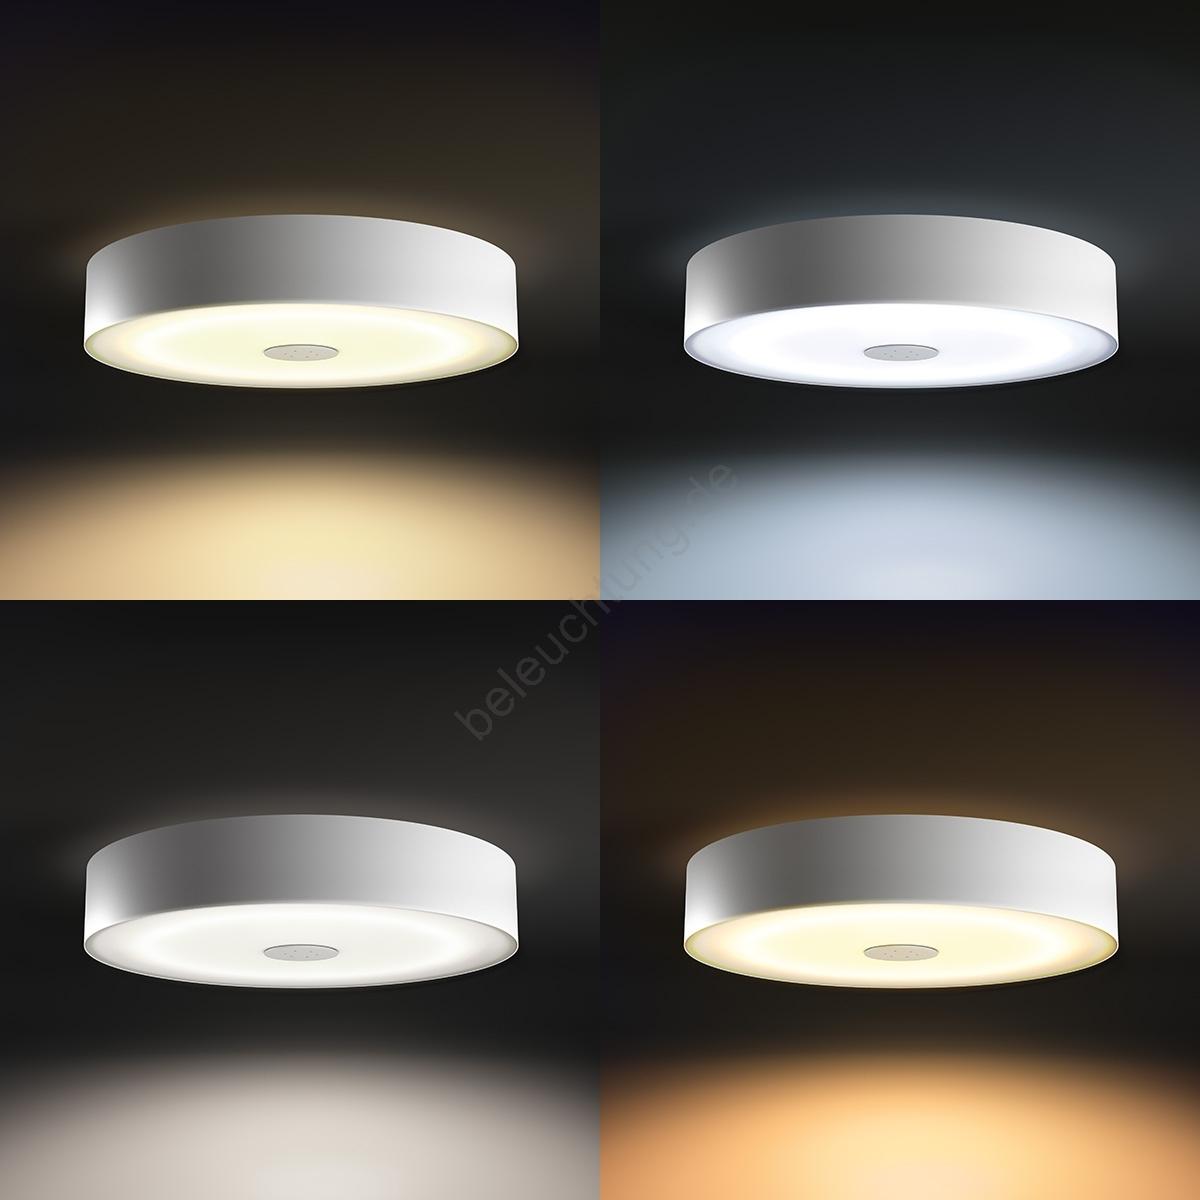 philips 40340 31 p7 led deckenleuchte fair hue led 39w 230v. Black Bedroom Furniture Sets. Home Design Ideas